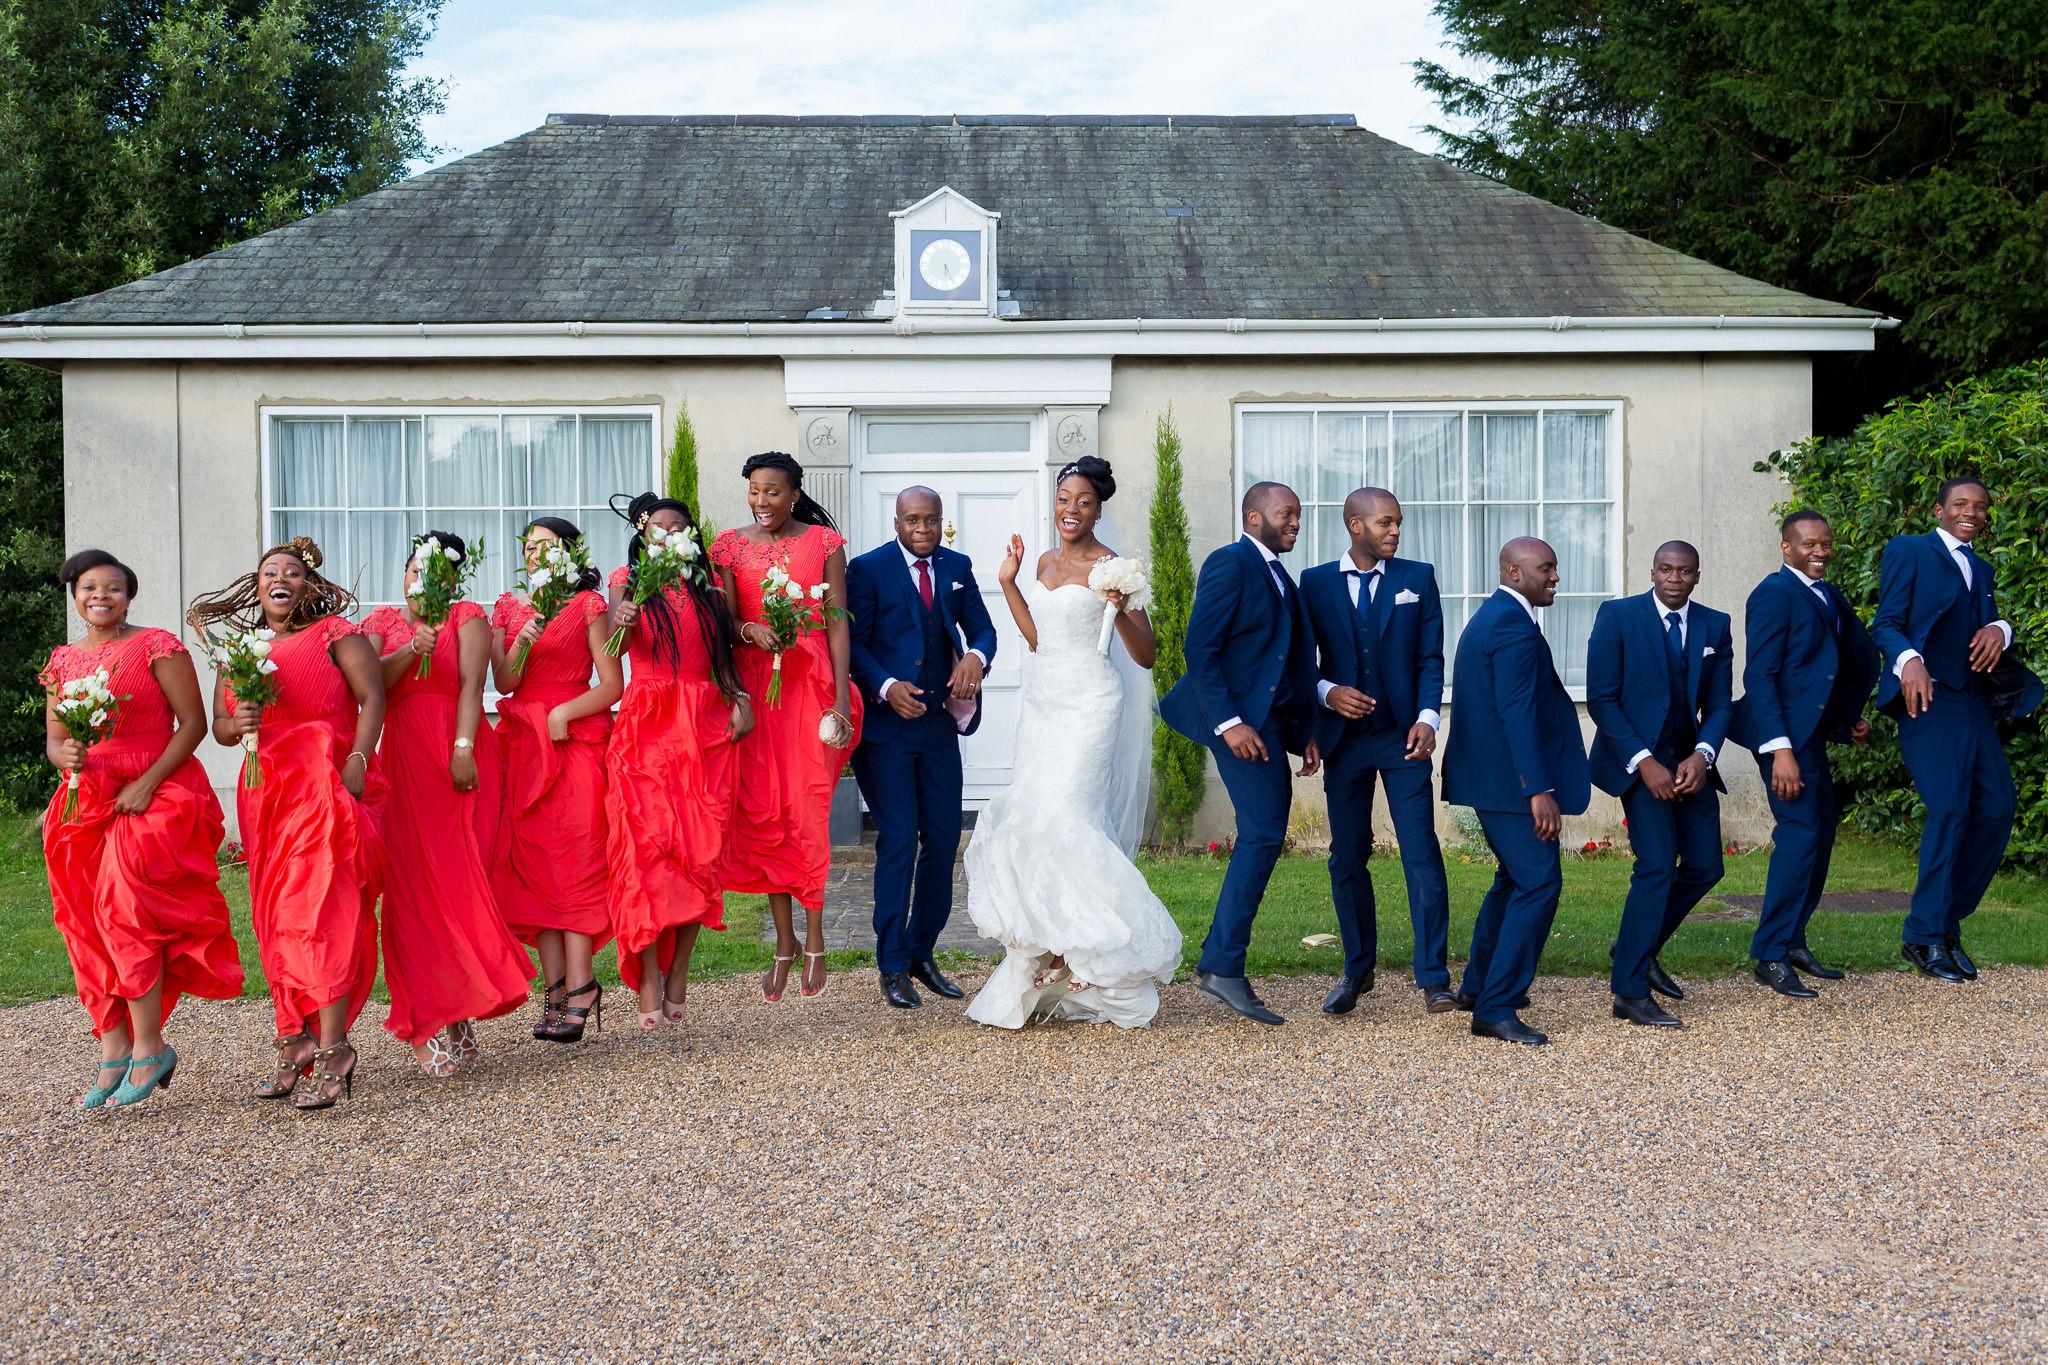 Addington Palace wedding group photo